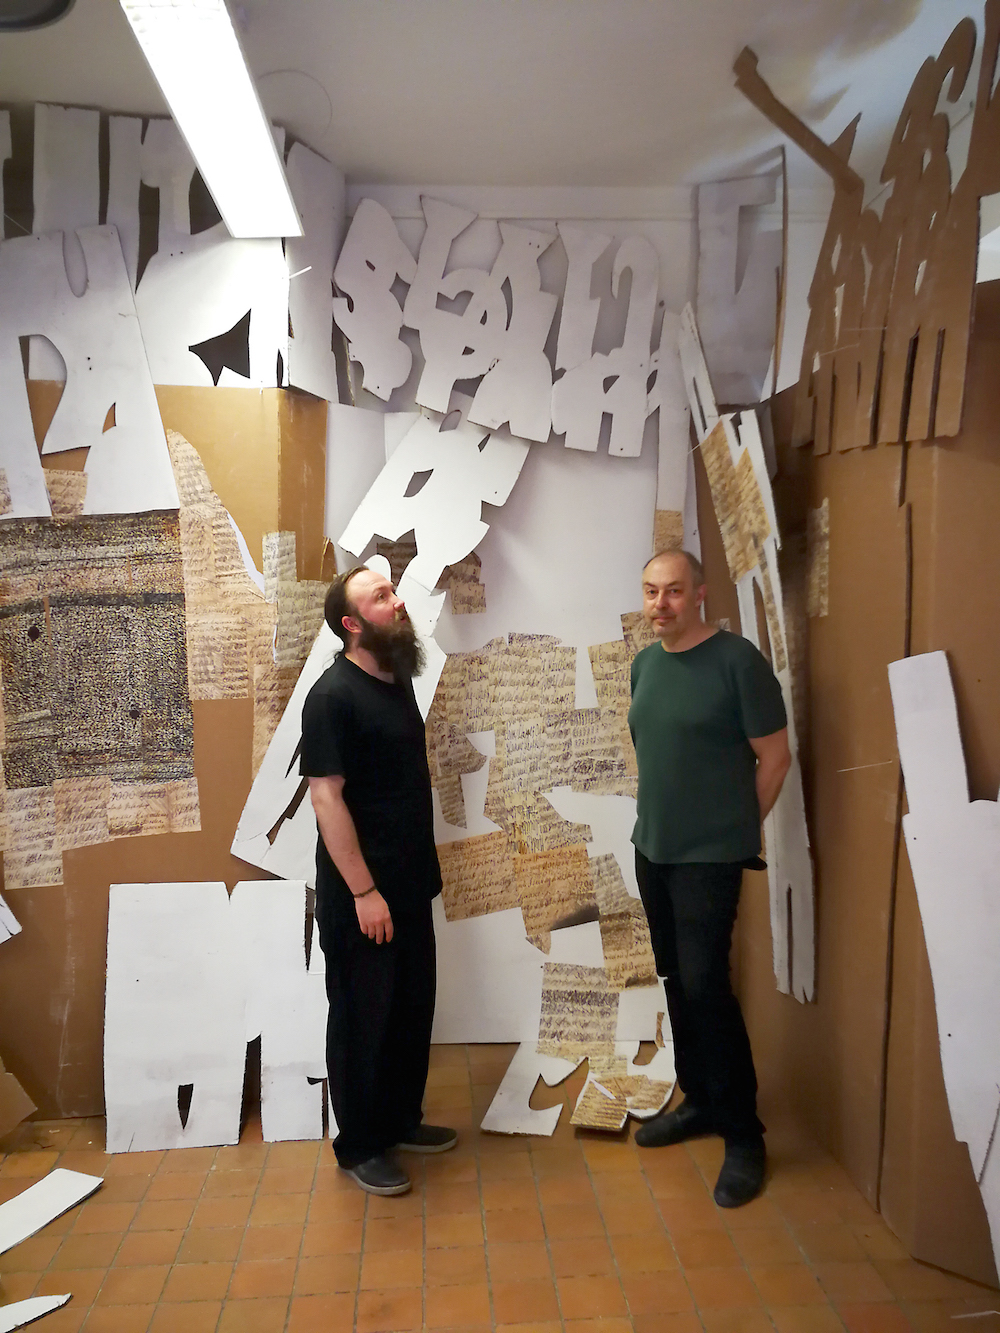 Kunstnerne Emil Brahe og Kim Grønborg arbejder på deres værk til udstillingen.